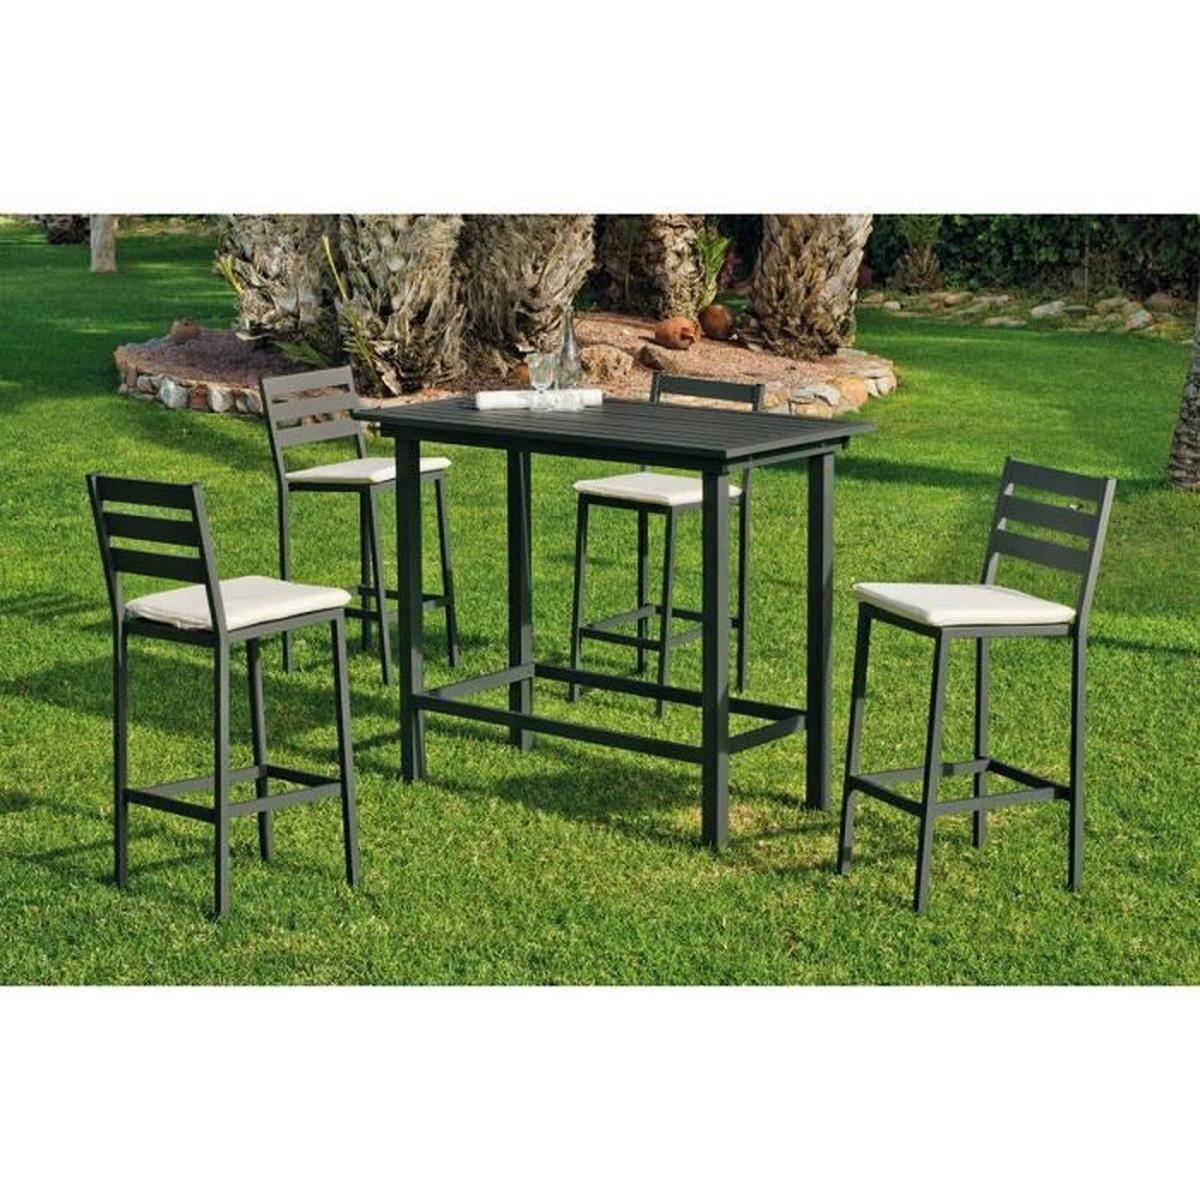 Ensemble De Jardin Galicia 1 Table Bar + 4 Chaises Hautes Anthracite à Cdiscount Salon De Jardin